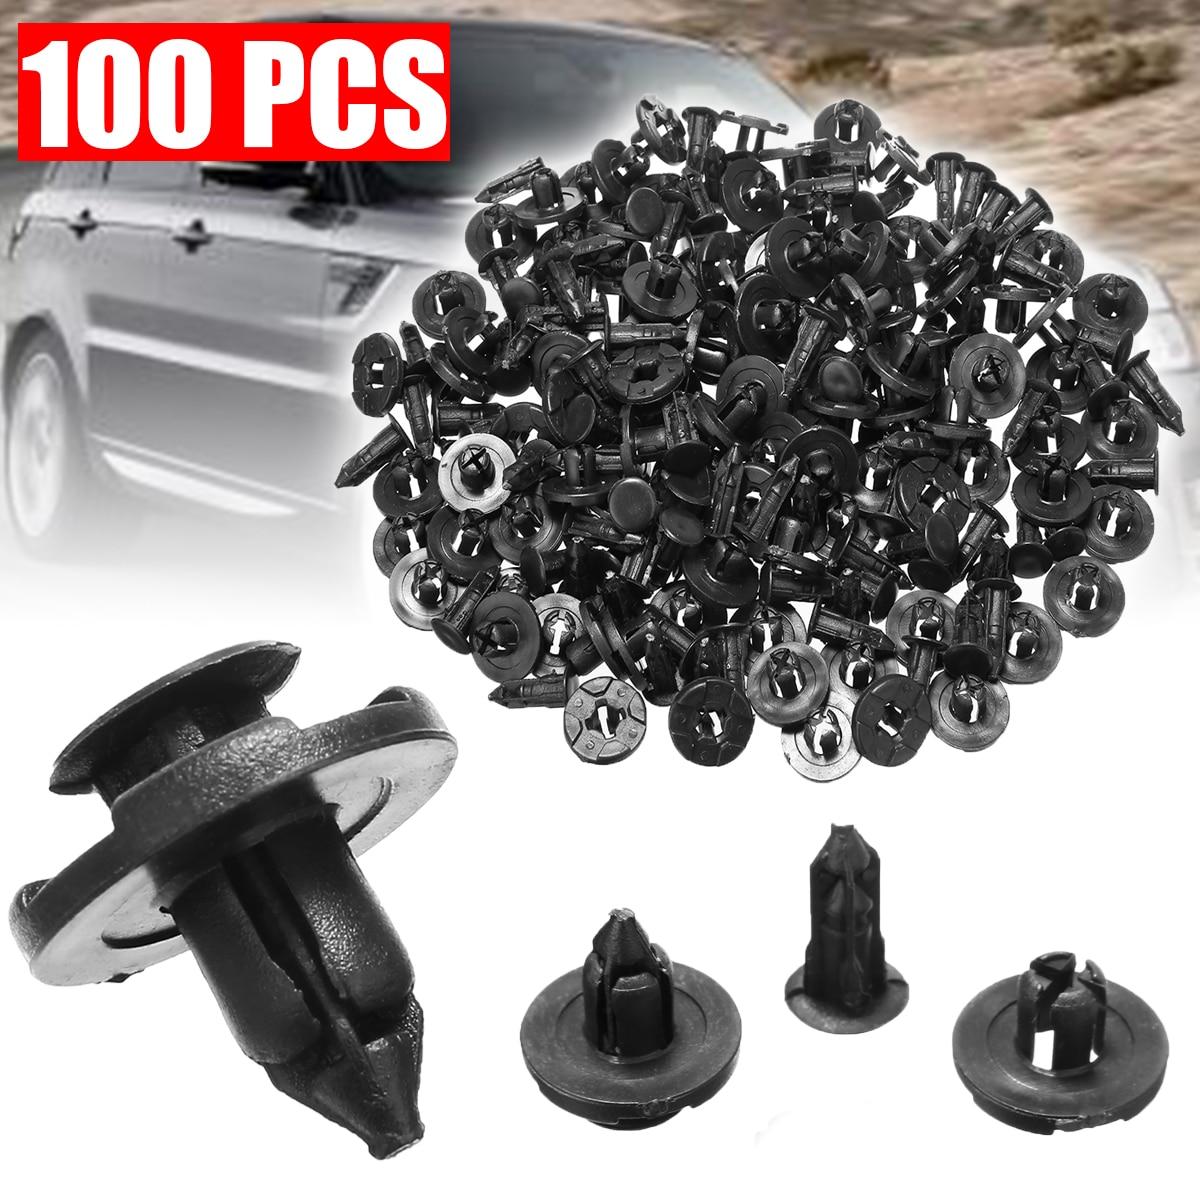 Внутренние зажимы 100 шт 10 мм авто пистон бампер толчок клип черный пластиковый крепеж бампер штырь заклёпки для Honda автомобиля-in Клипсы и зажимы для авто from Автомобили и мотоциклы